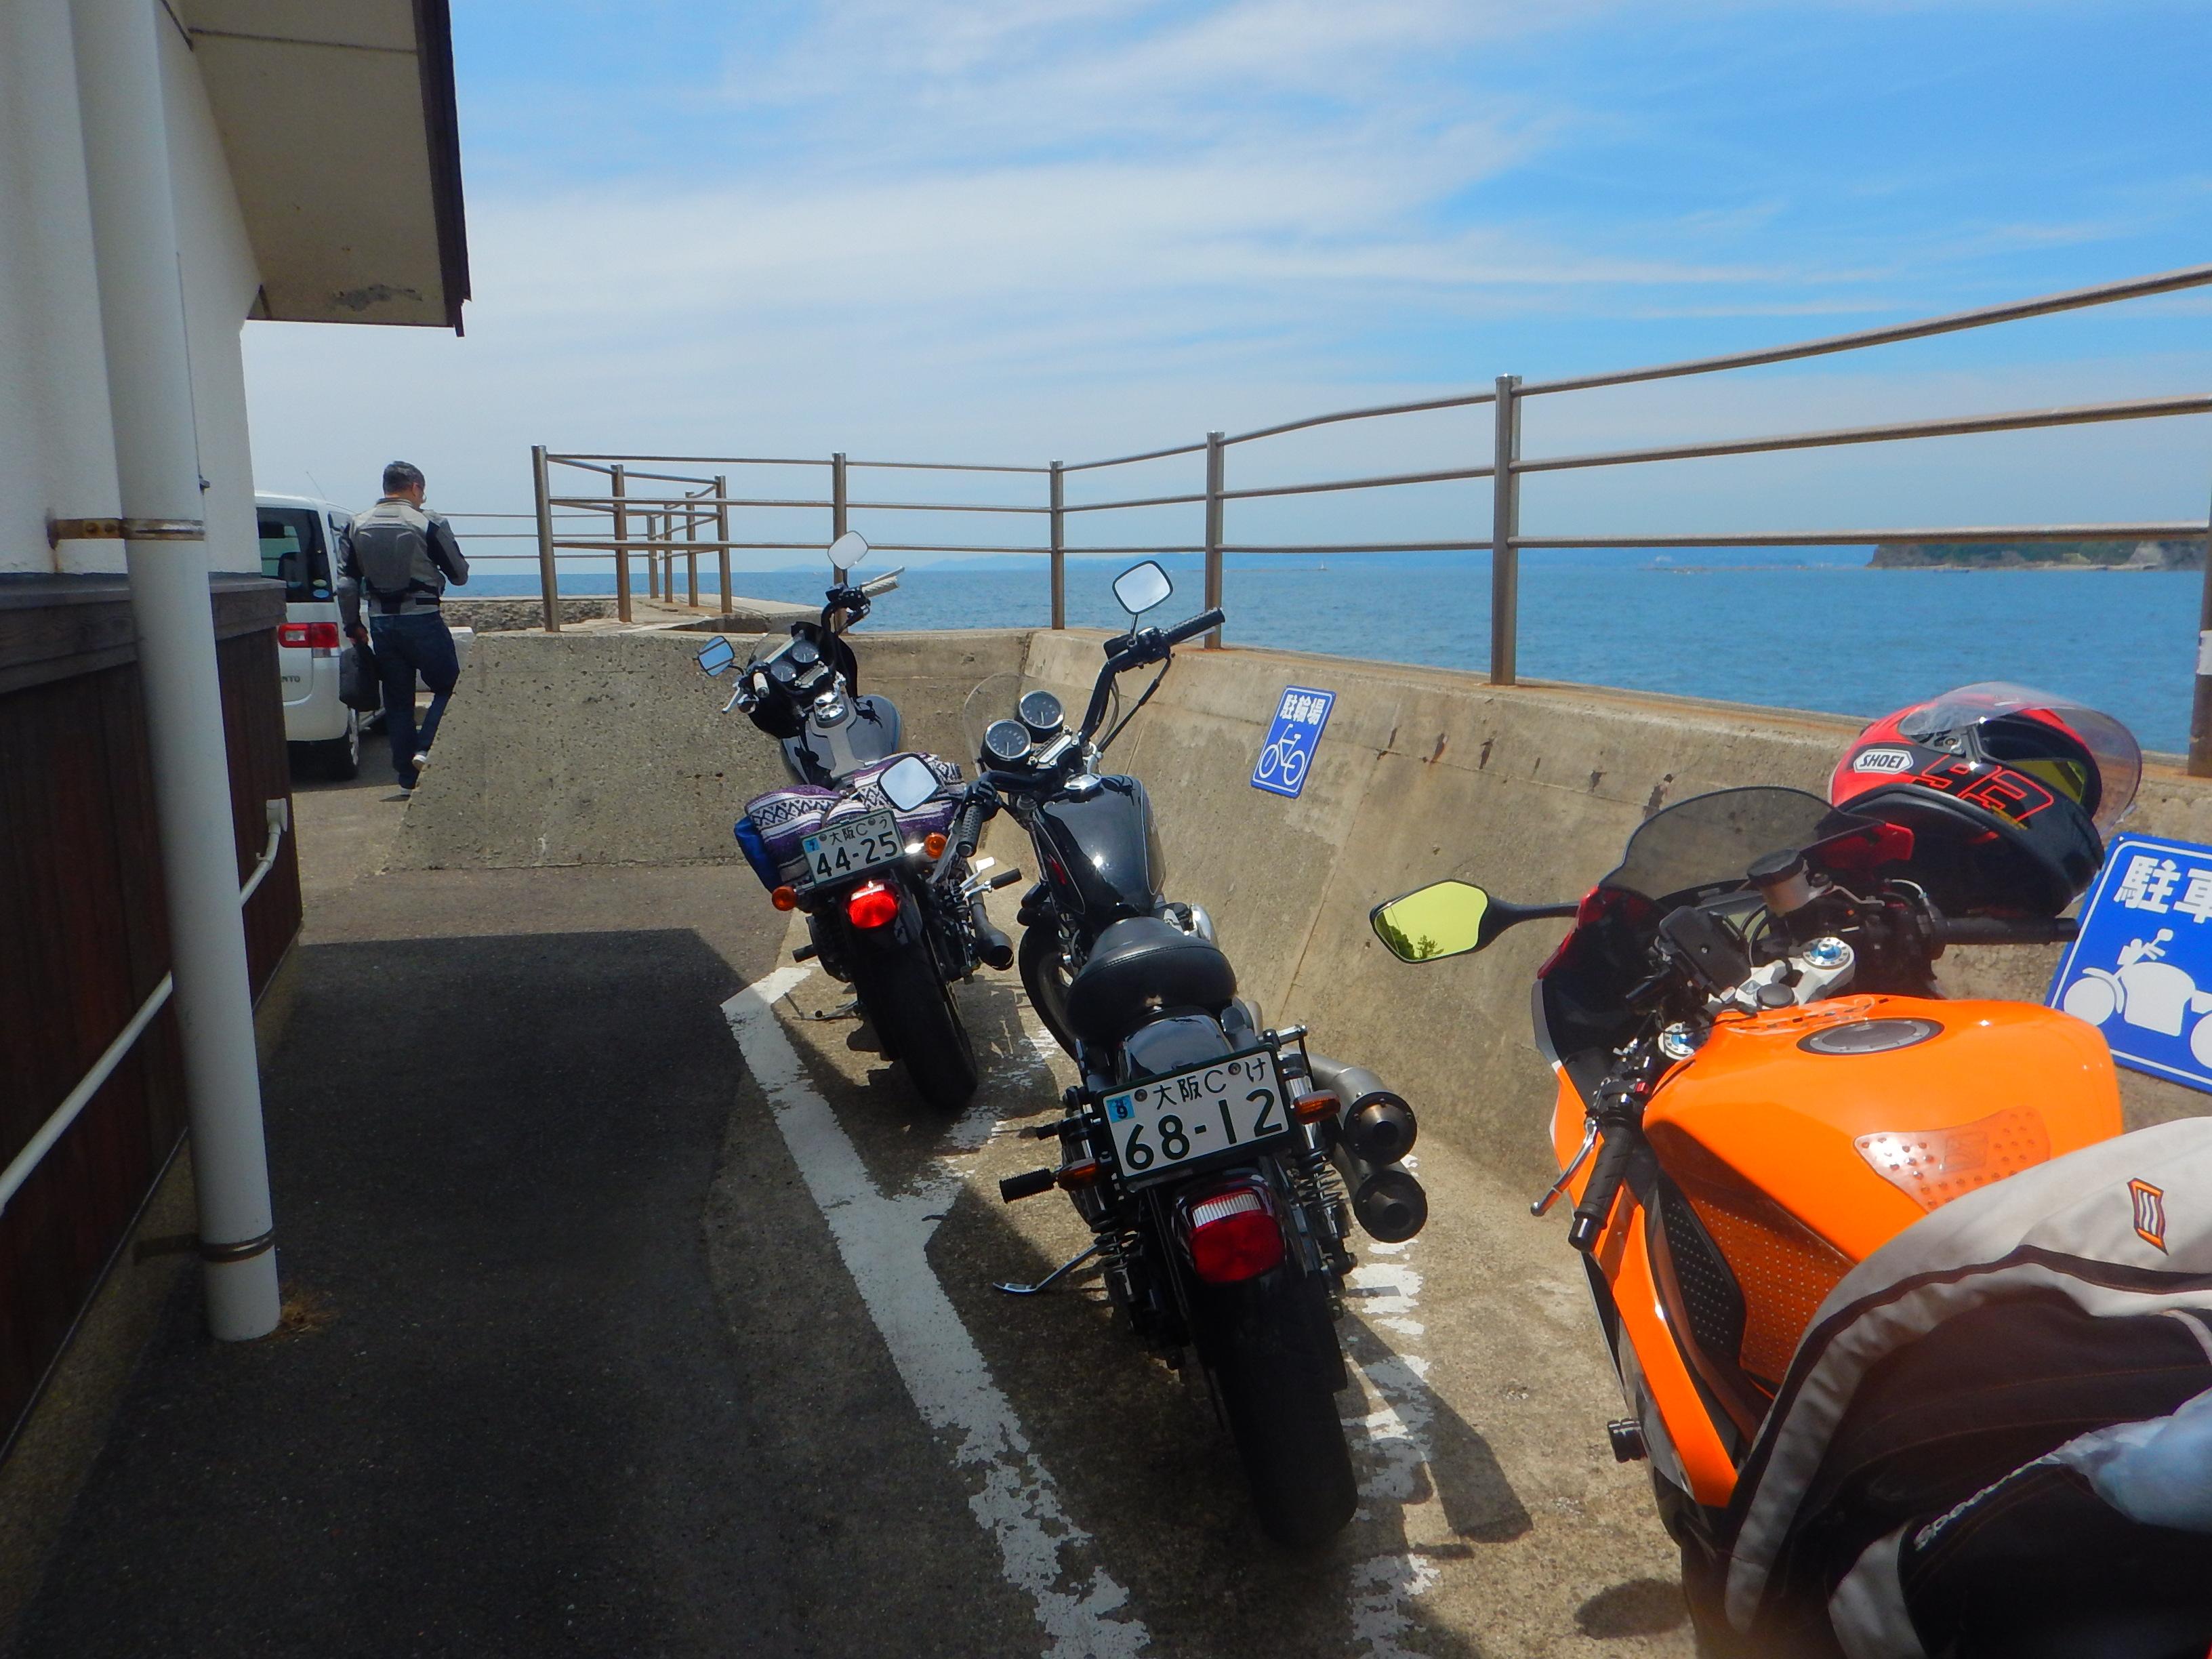 駐車場|公衆トイレ|バイク駐車場|海